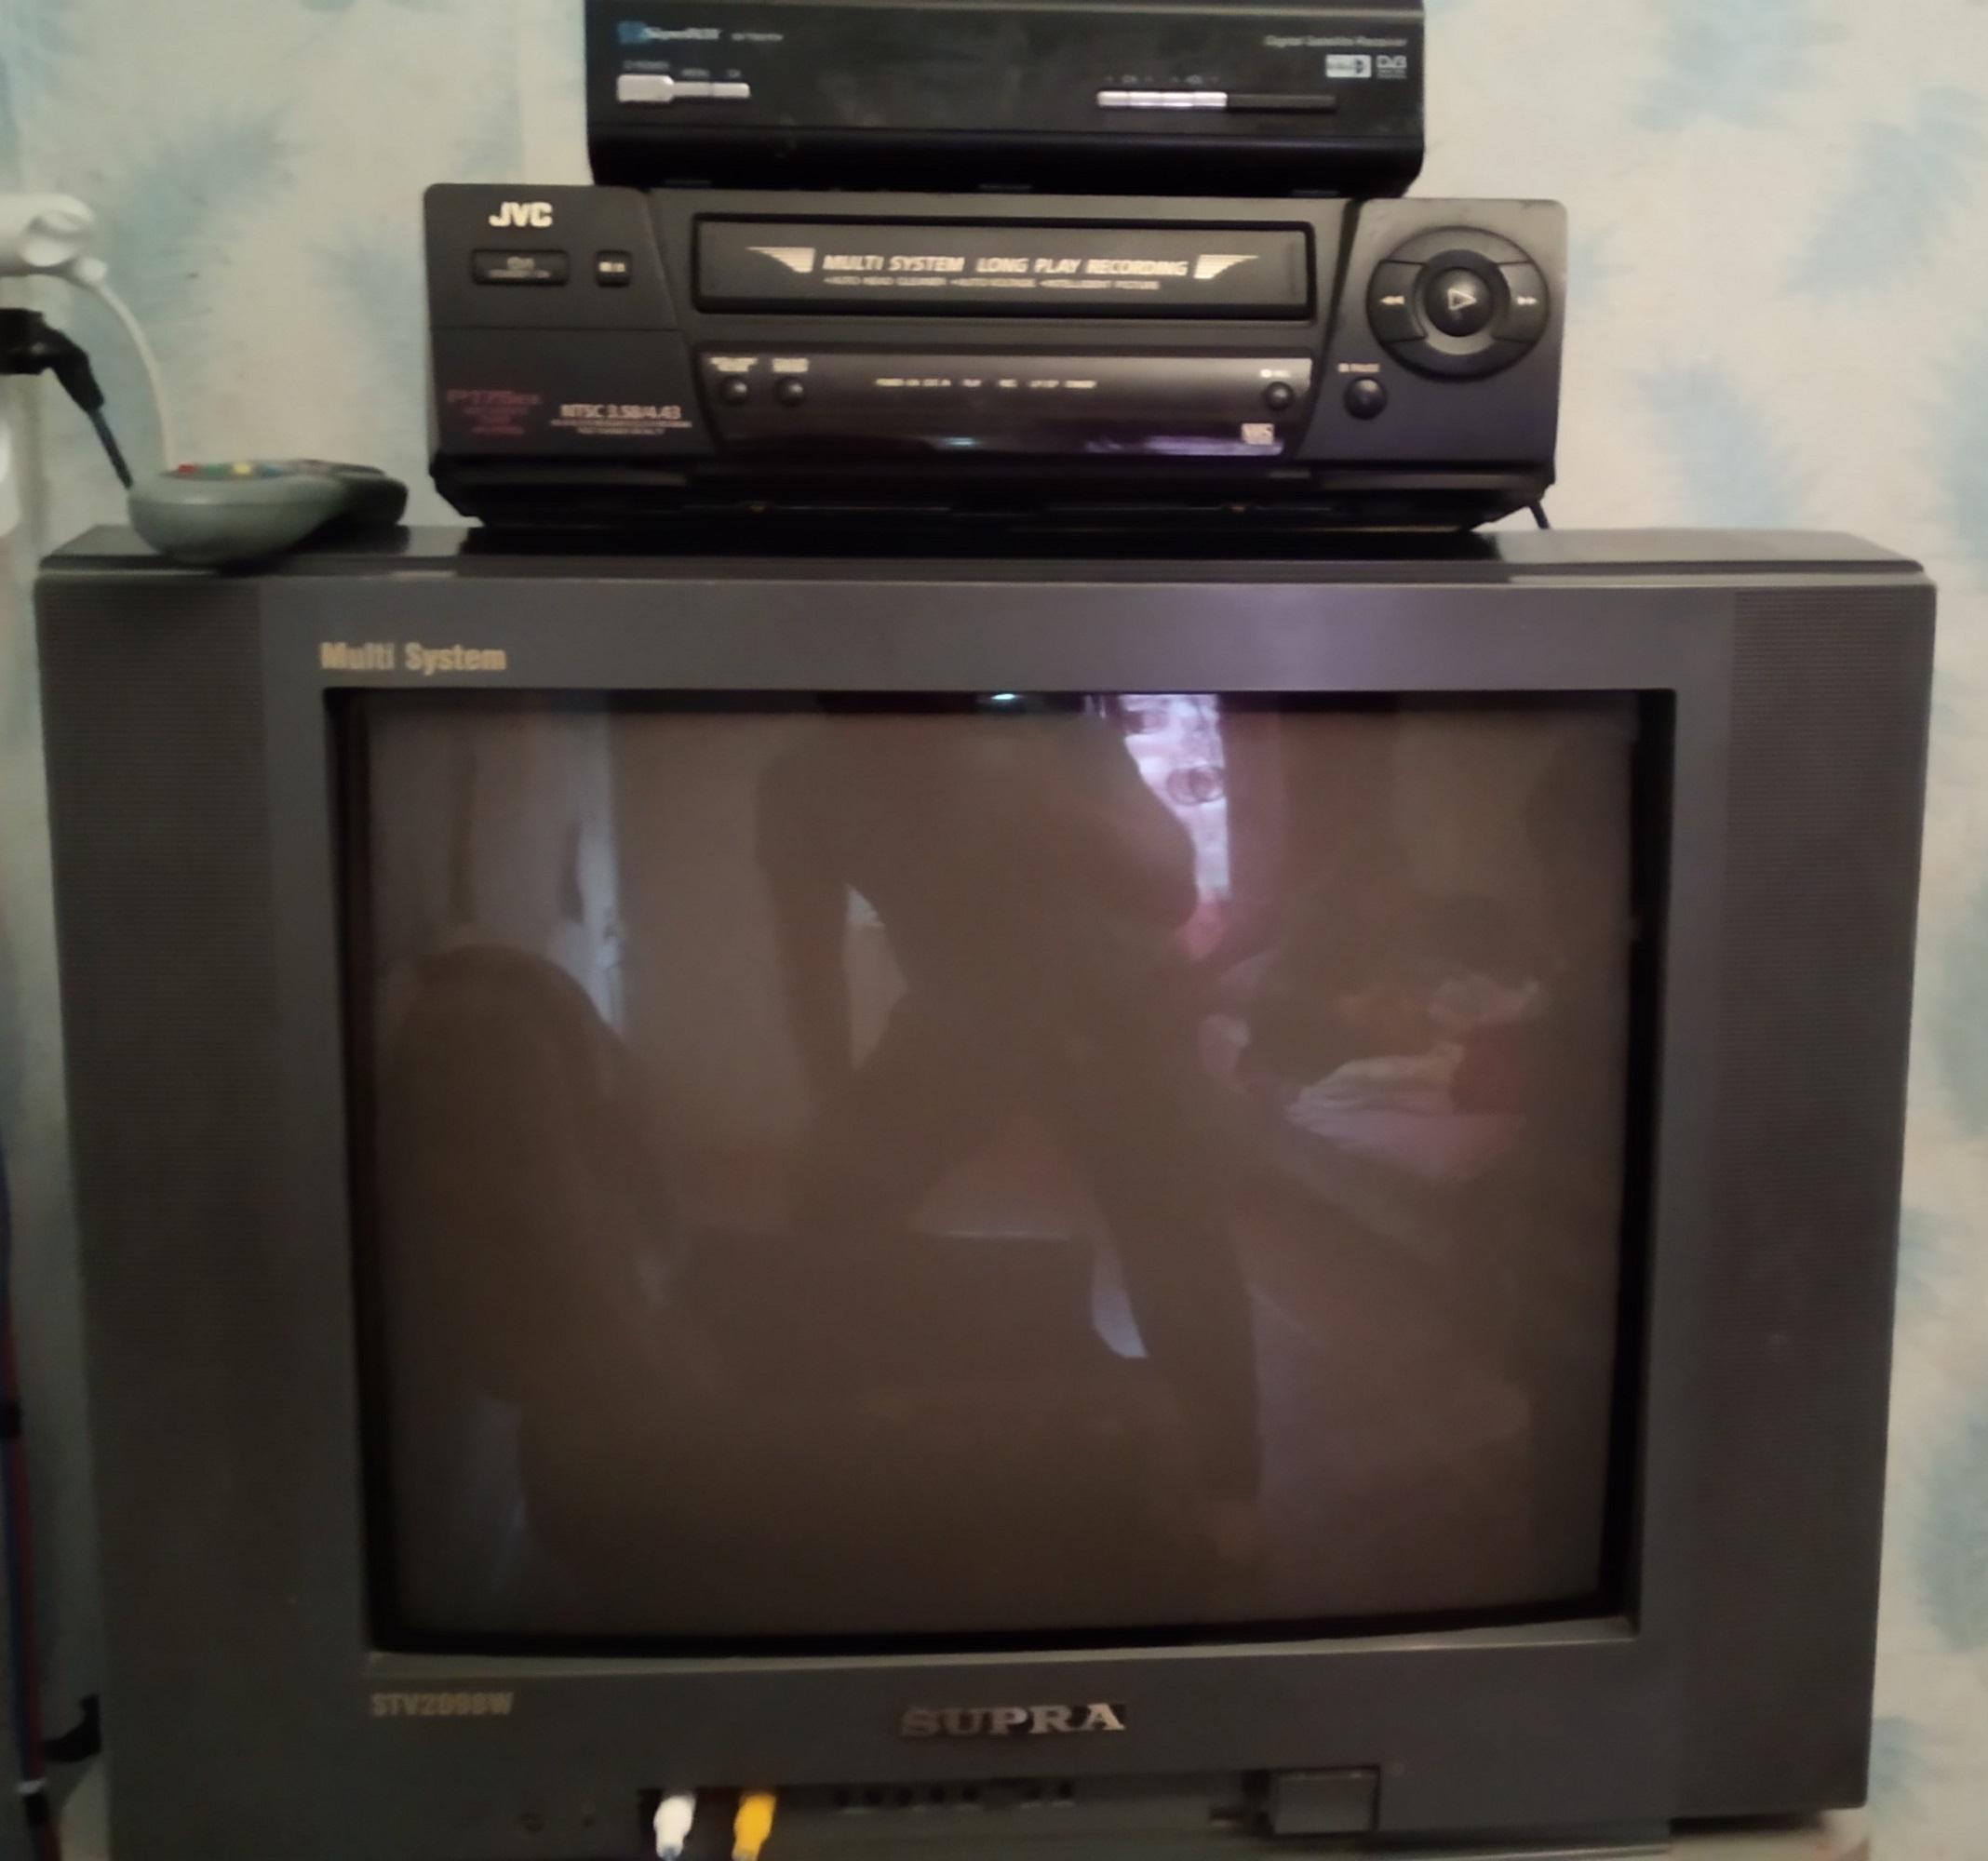 SUPRA televizoru pultu yoxdur,amma islemeyinde hecbir